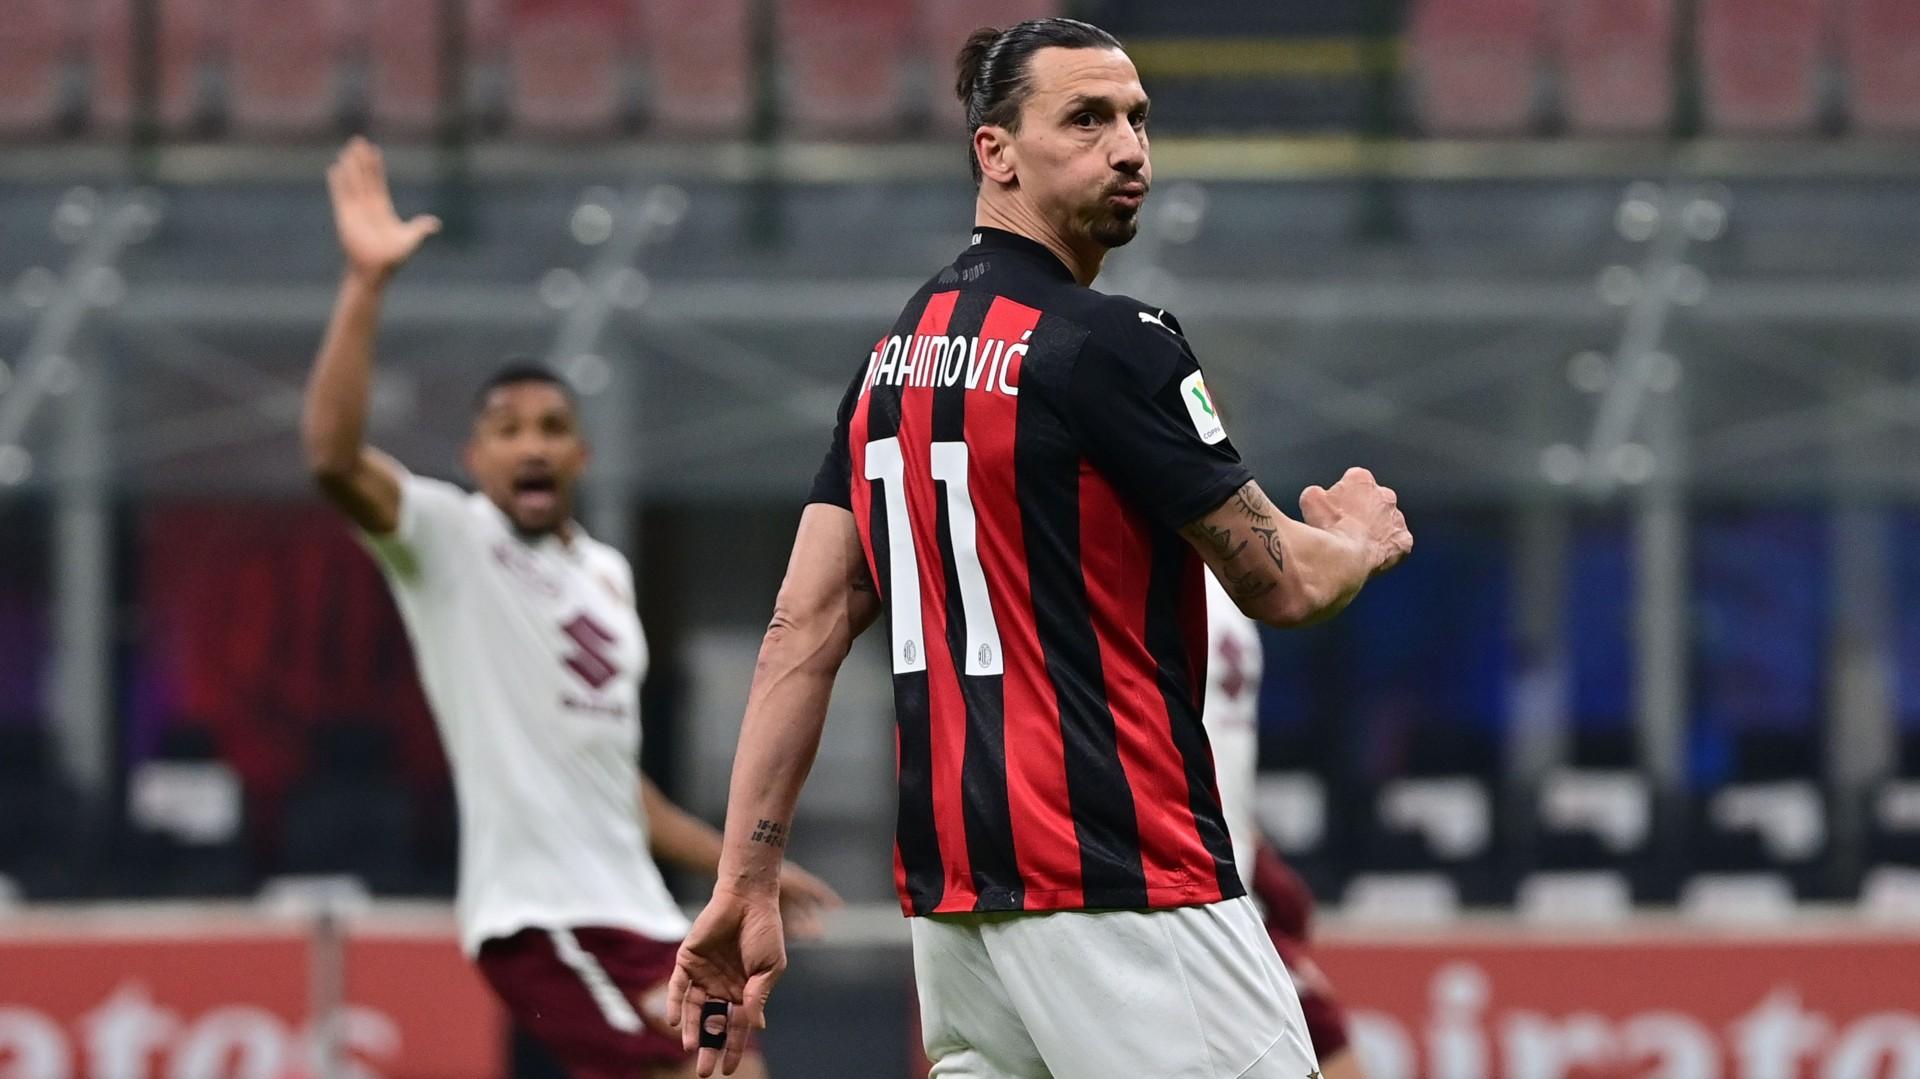 Milan-Torino, Ibrahimovic in campo dopo 51 giorni: 45' per ricominciare    Goal.com